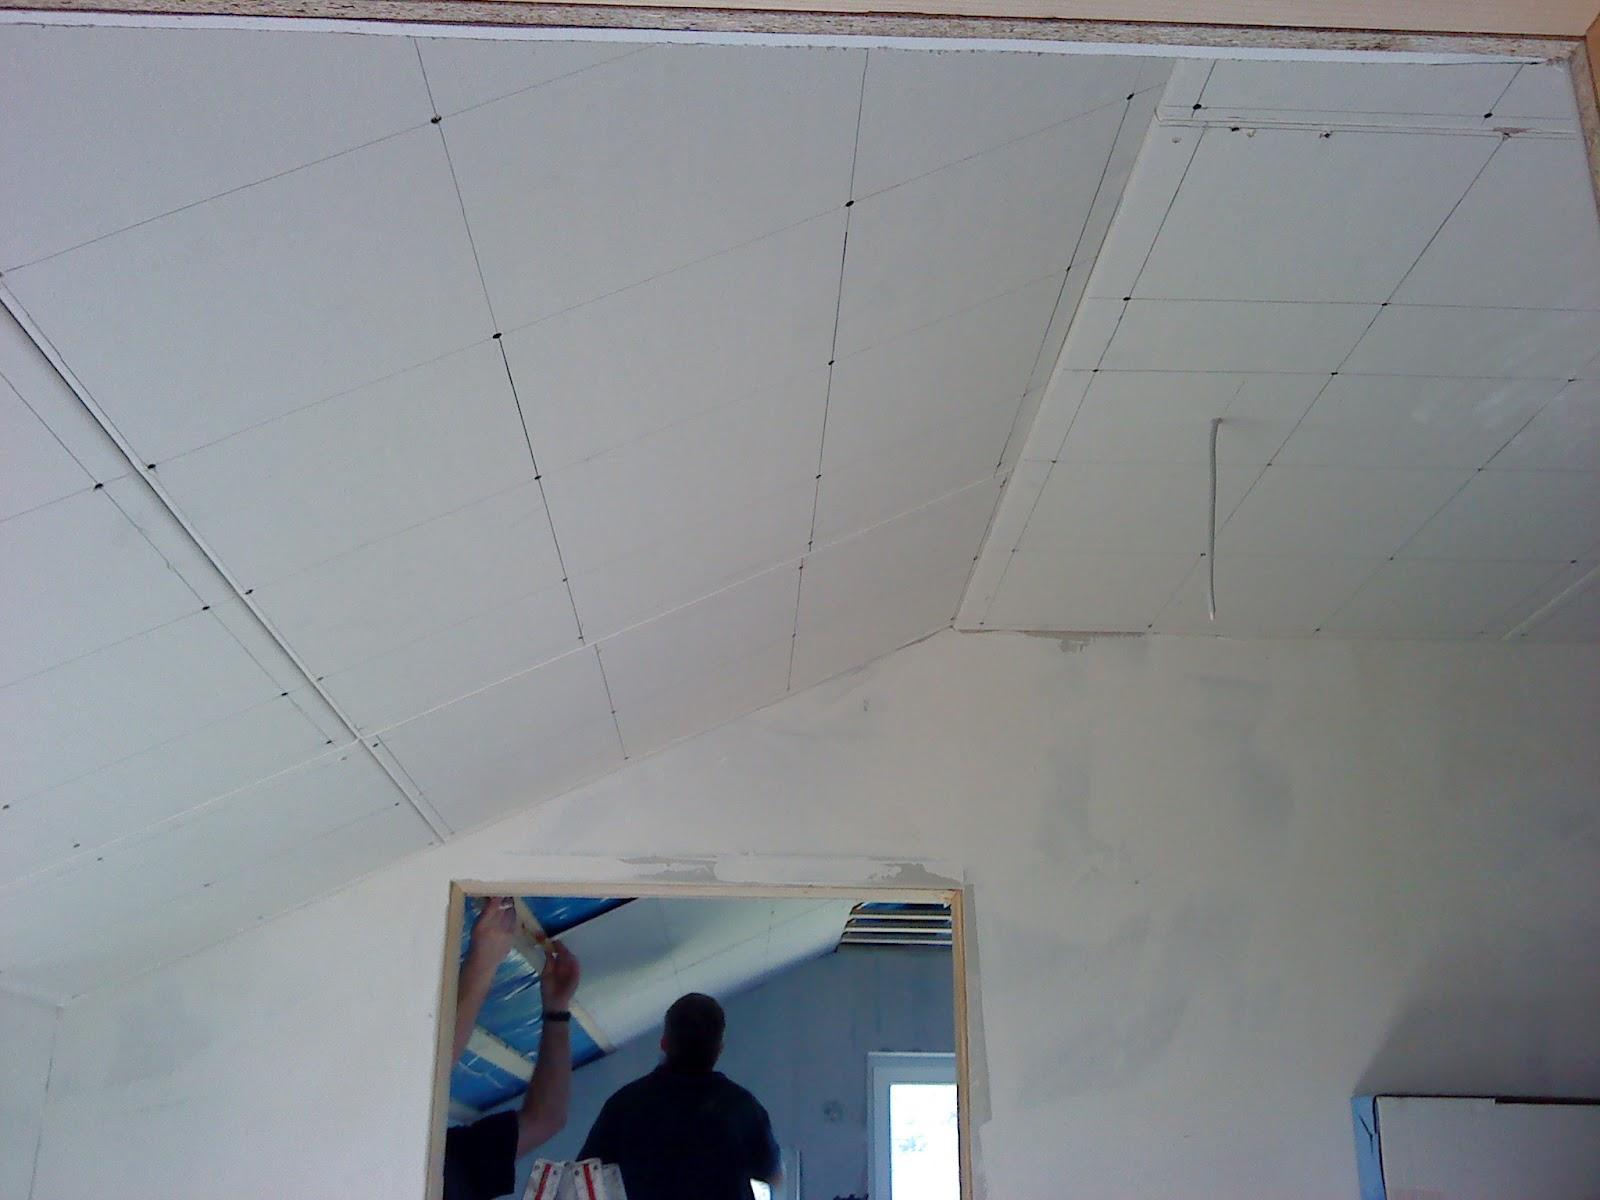 unterzug wohnzimmer:unterzug wohnzimmer : Fürstenbau Kunstsammlungen der Veste Coburg